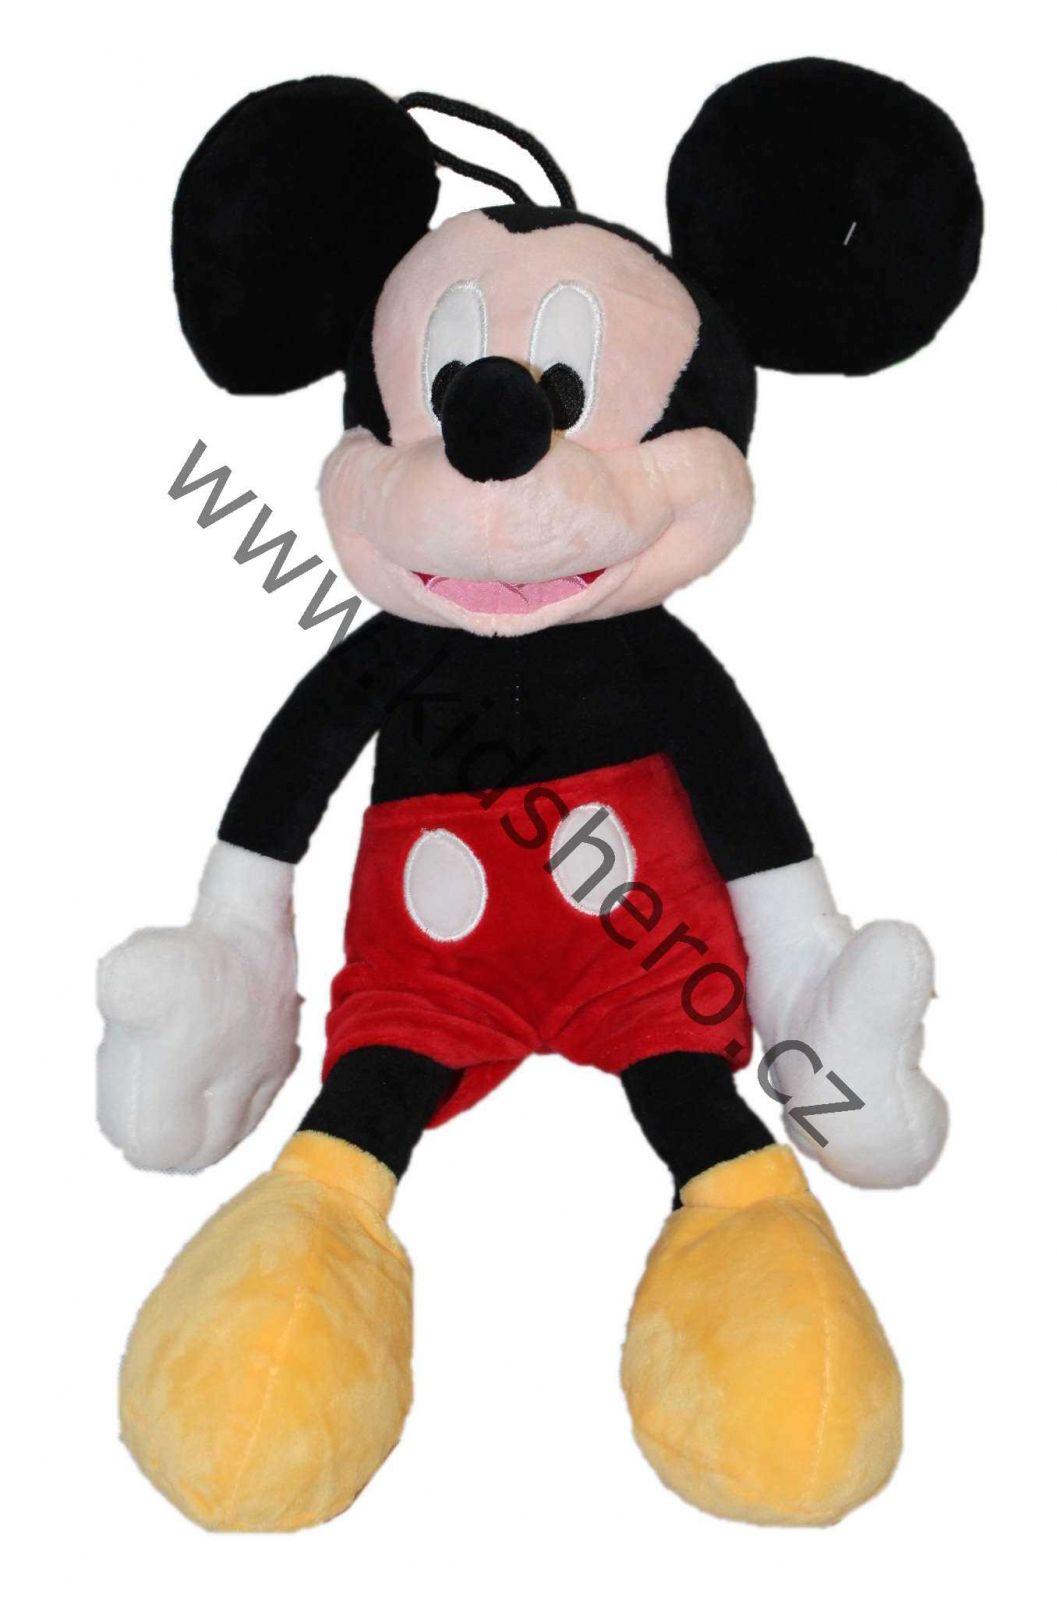 Plyšová hračka Mickey Mouse, Disney hračka, myšák Mickey Amedeo Gold